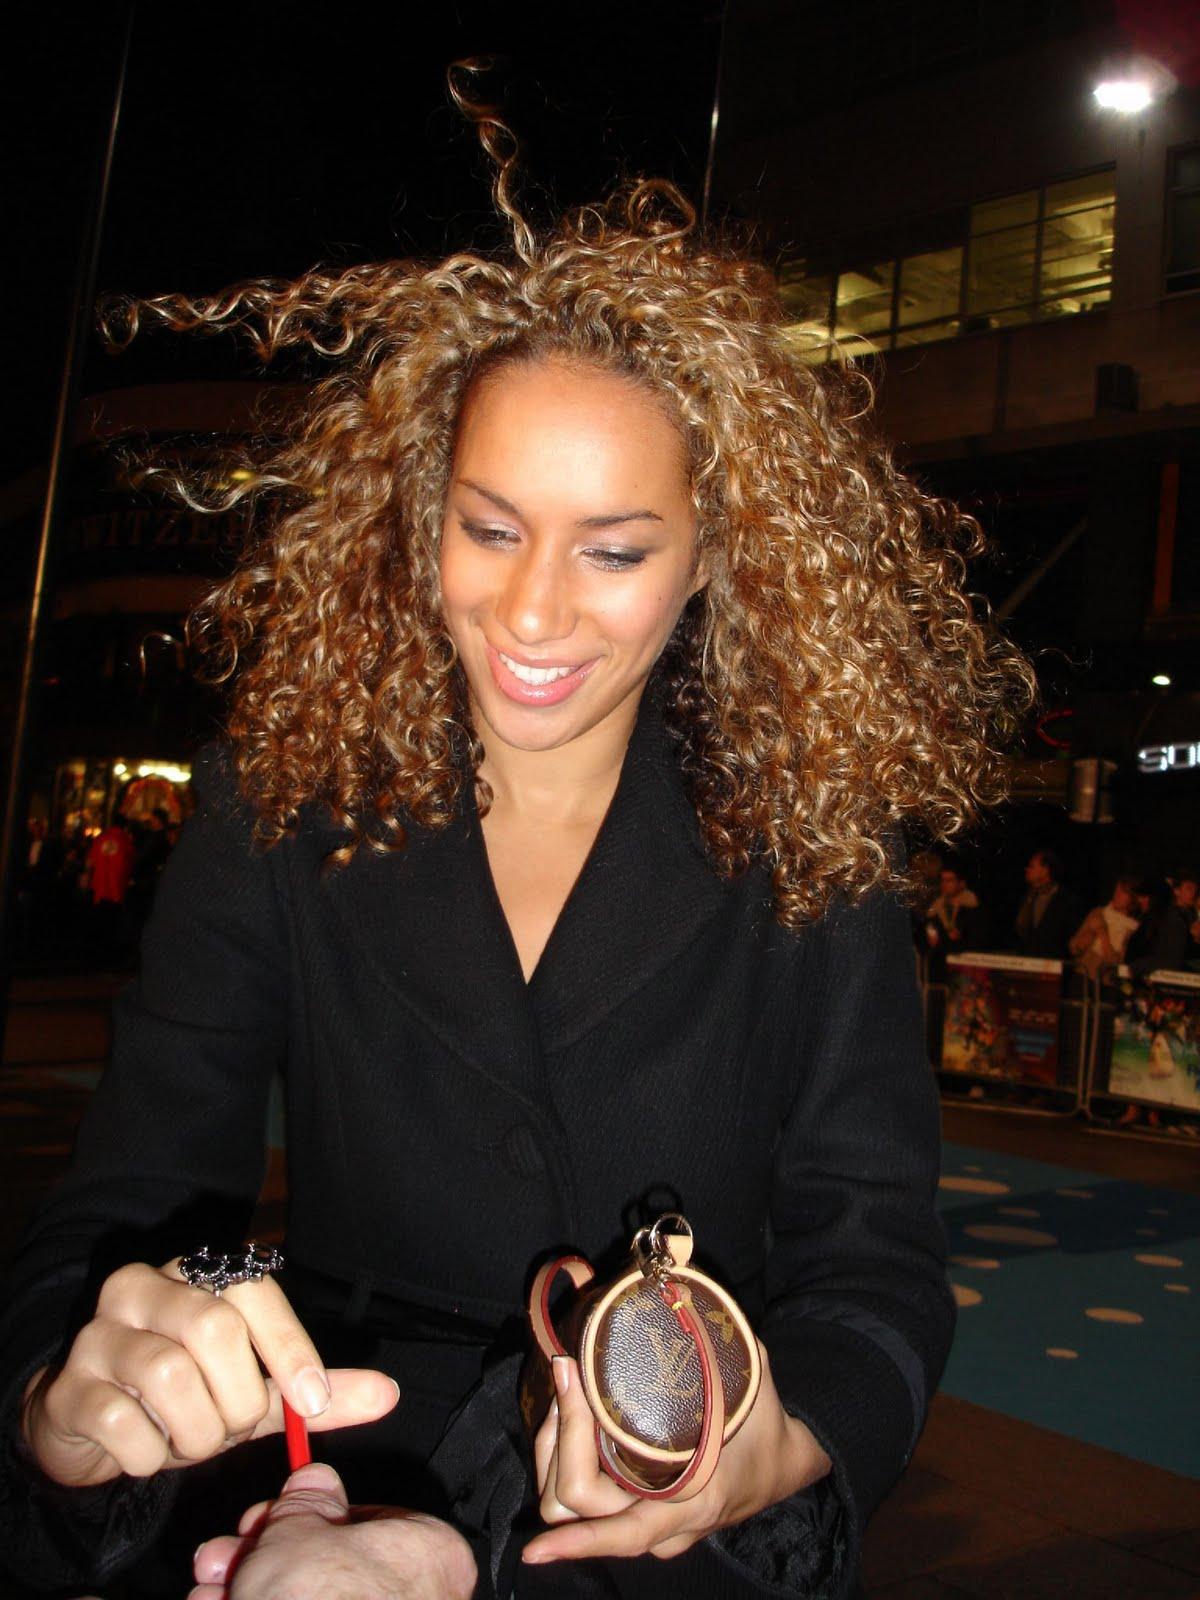 http://3.bp.blogspot.com/_Nuta_CQvImI/TJZVPVWFDVI/AAAAAAAADQQ/L-YQWro0KO0/s1600/Leona-Lewis,-British-pop-singer-songwriter.jpg